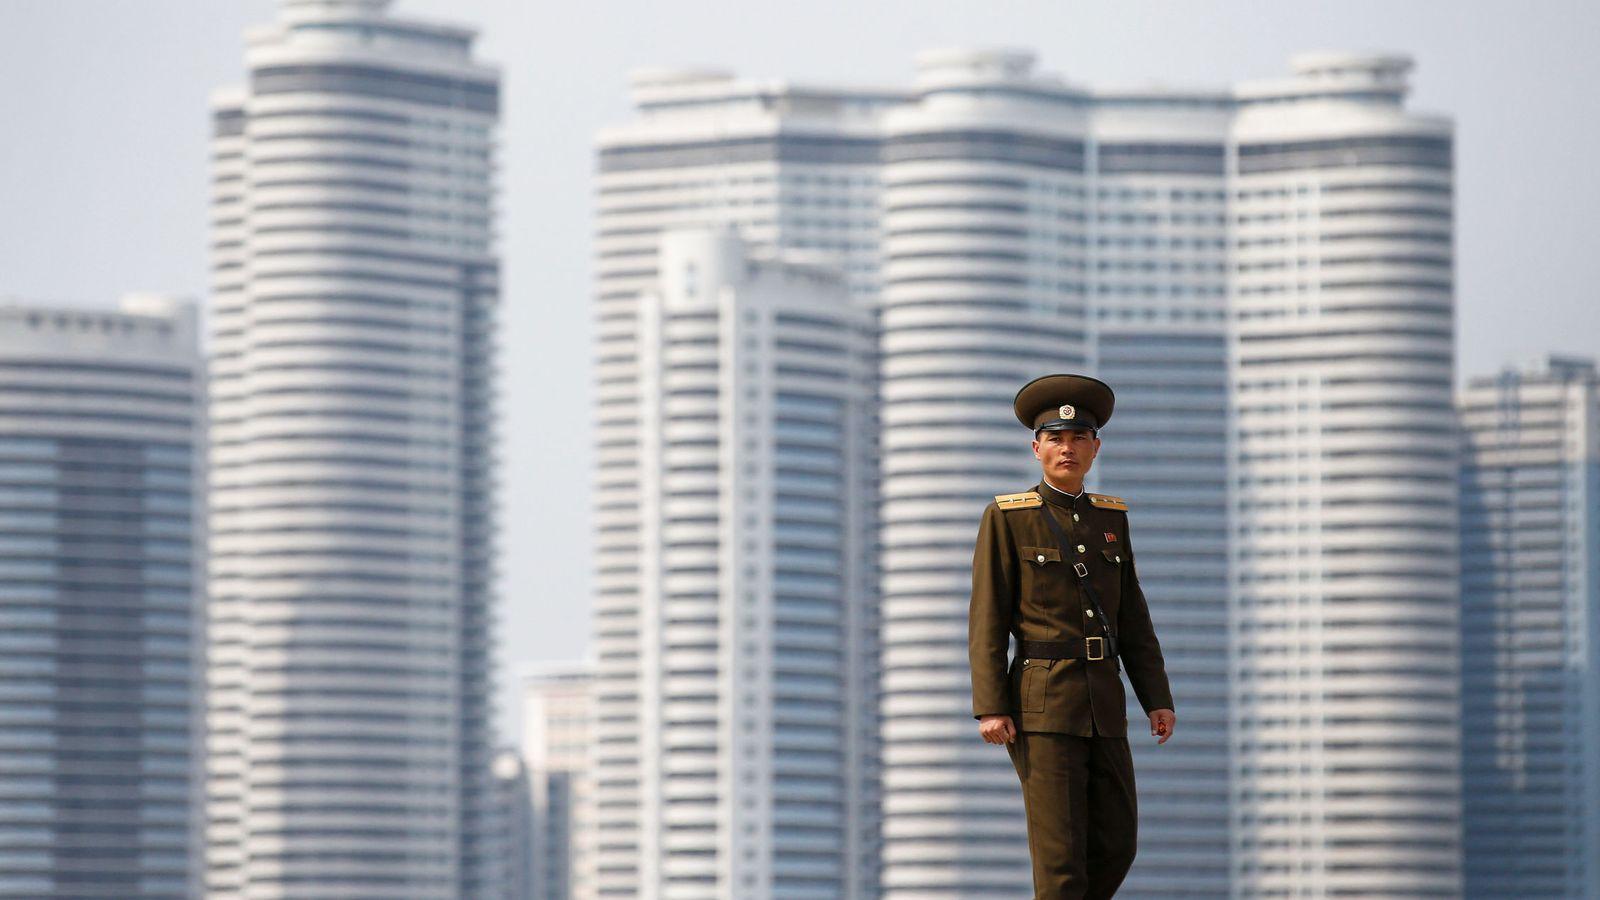 Foto: Un soldado camina junto al río en el centro de Pyongyang, en abril de 2017. (Reuters)